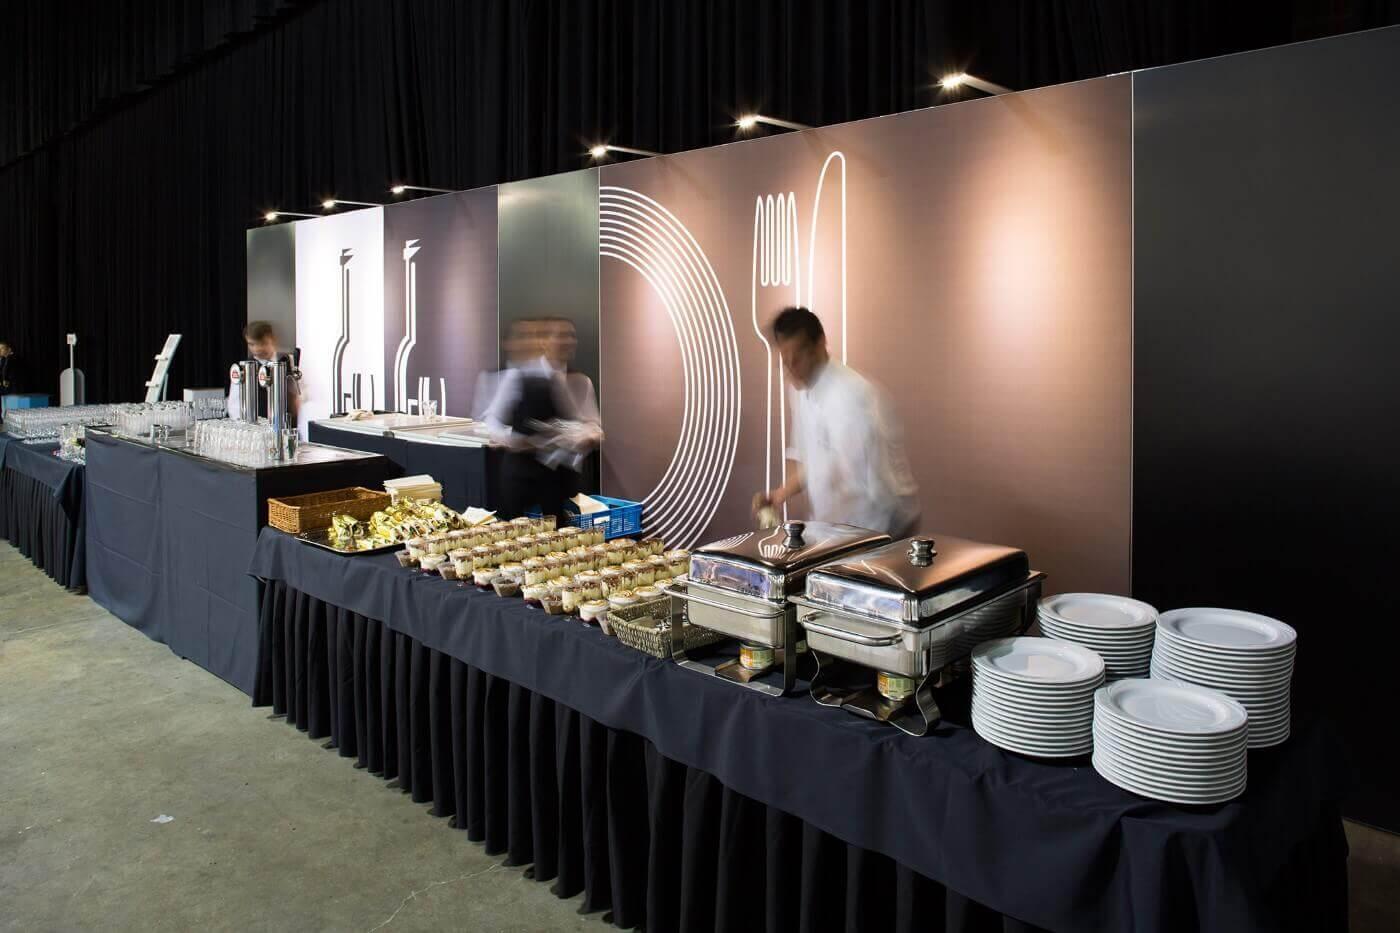 Catering op een beurs met hapje en een drankje | © www.Expopoint.be